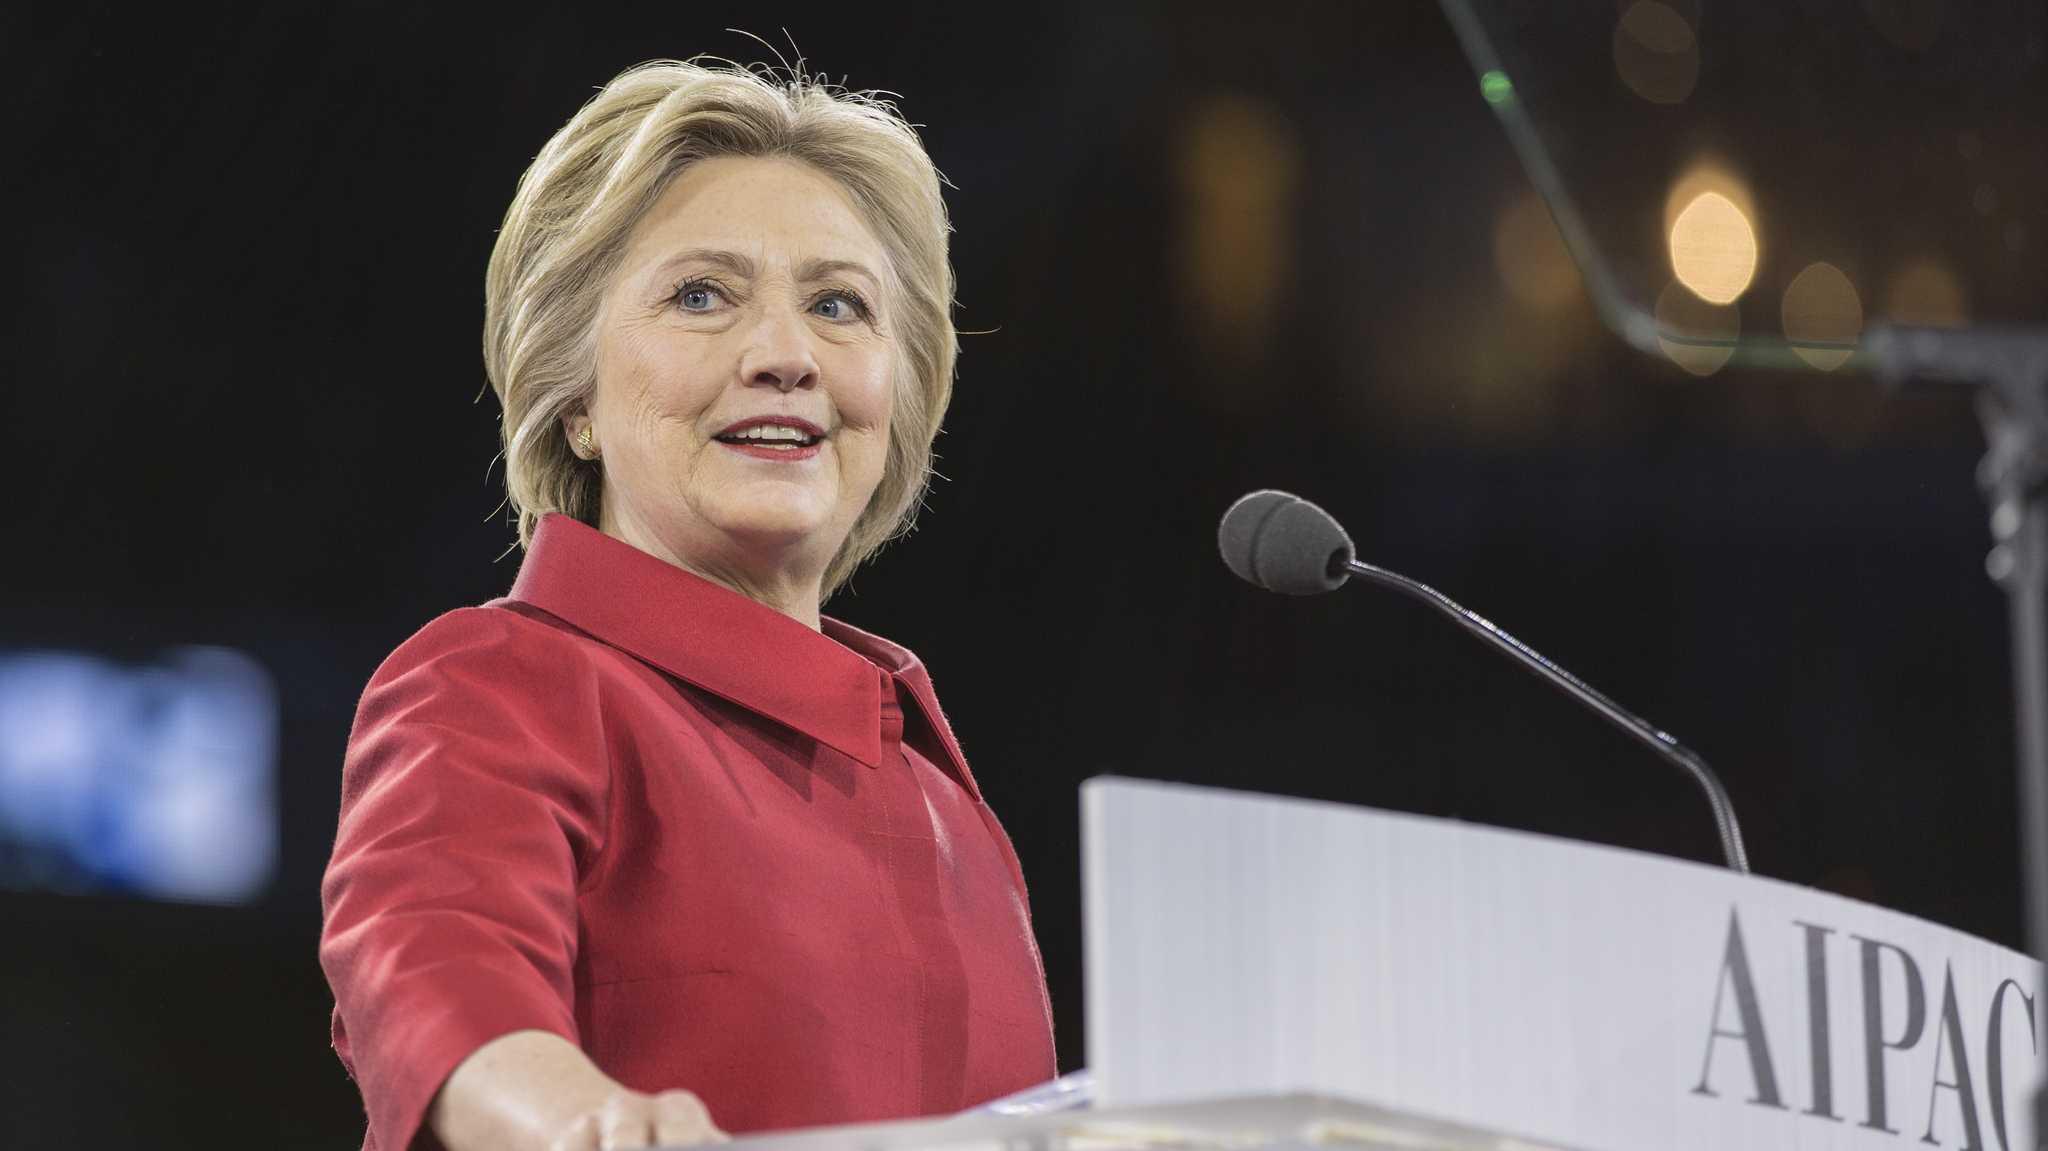 US-Wahl: Nachzählung von historischem Ausmass in Michigan beantragt